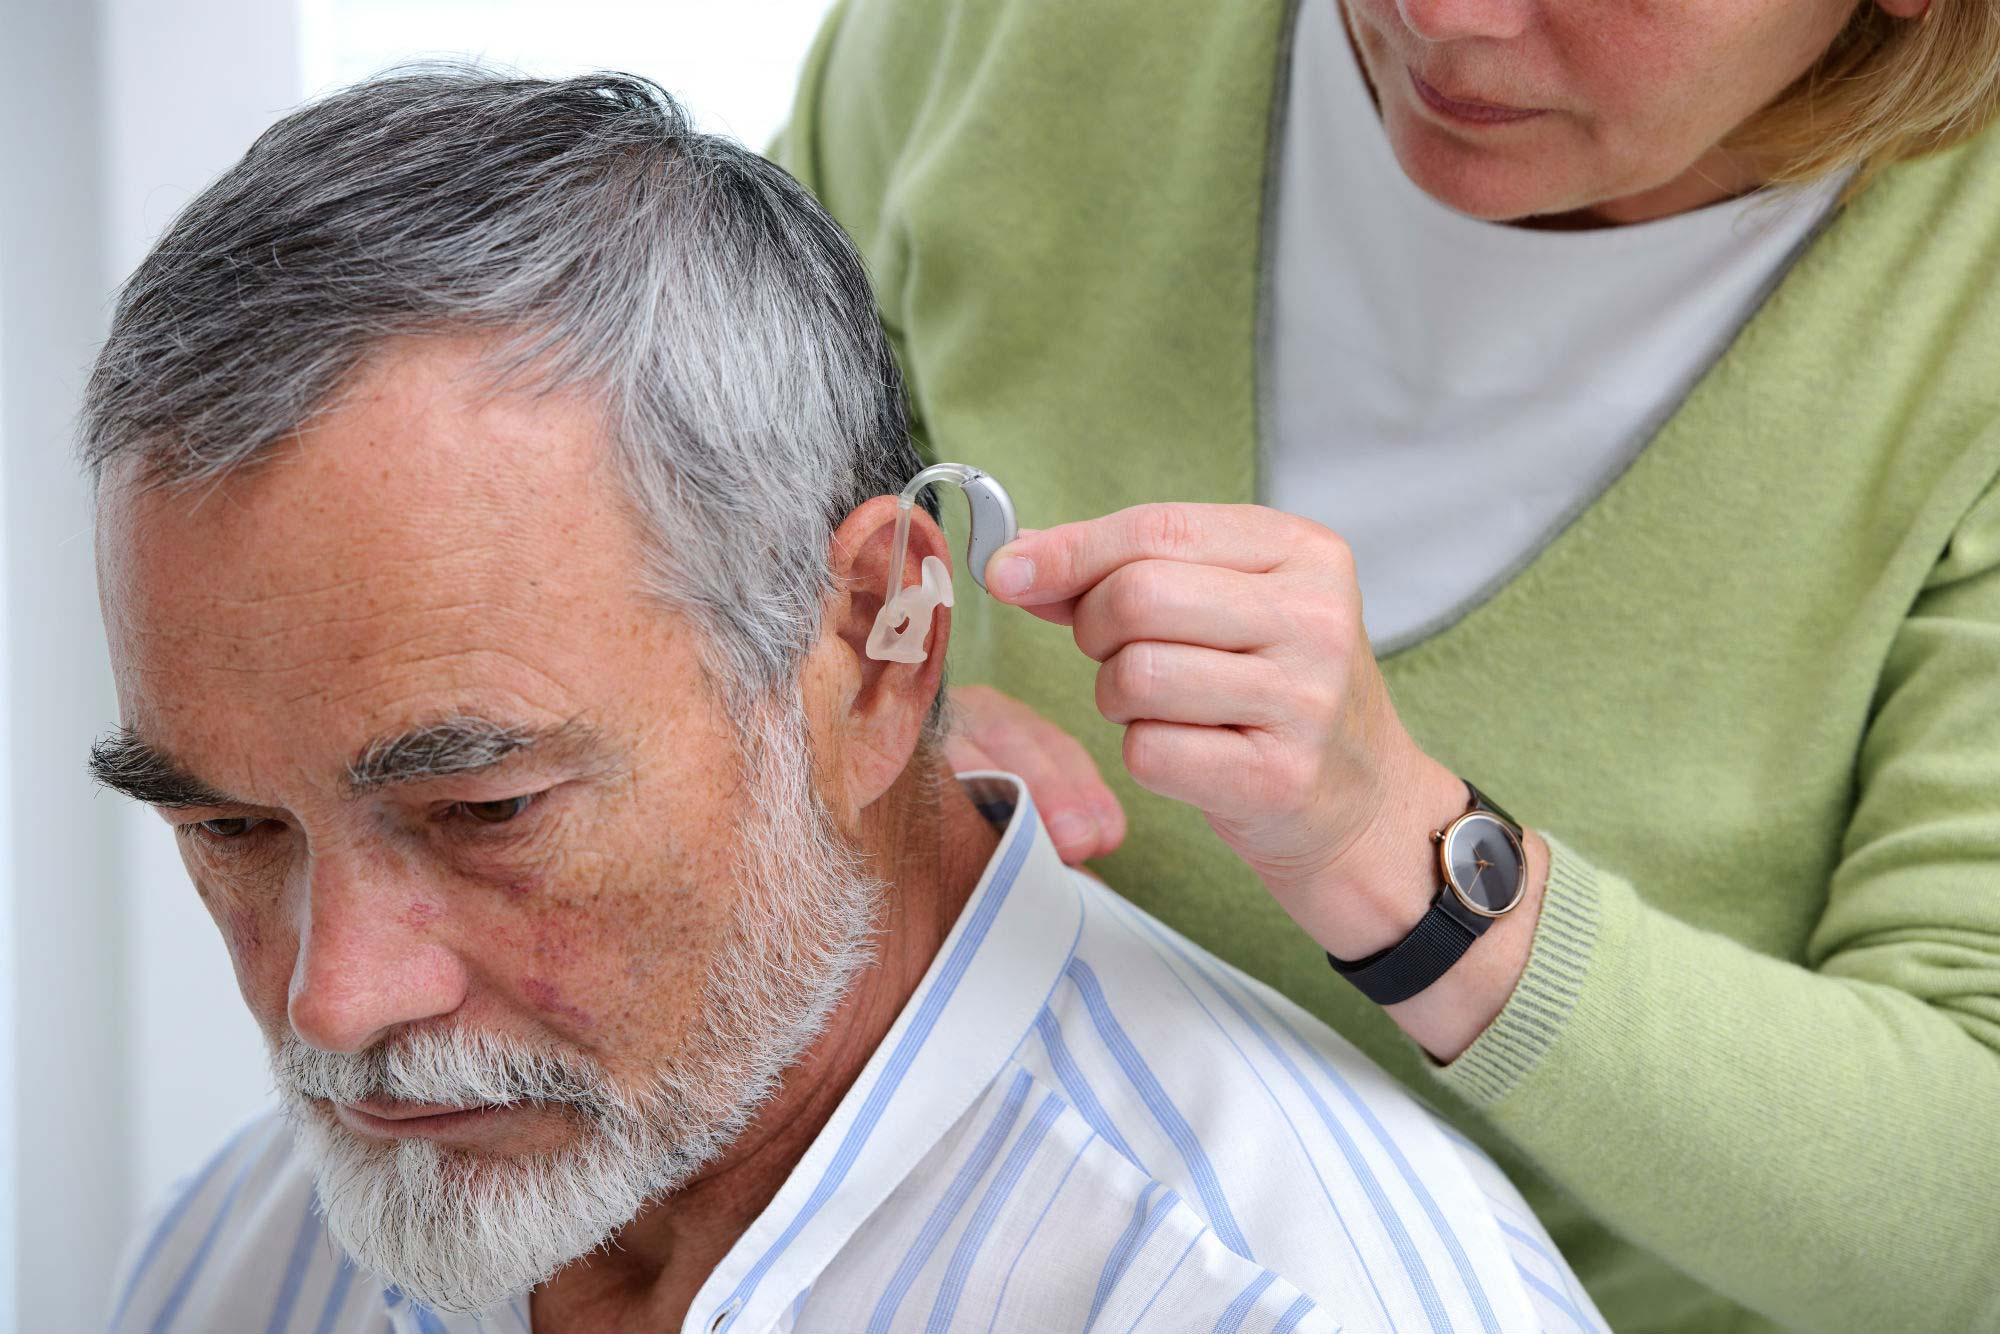 qual-melhor-aparelho-auditivo